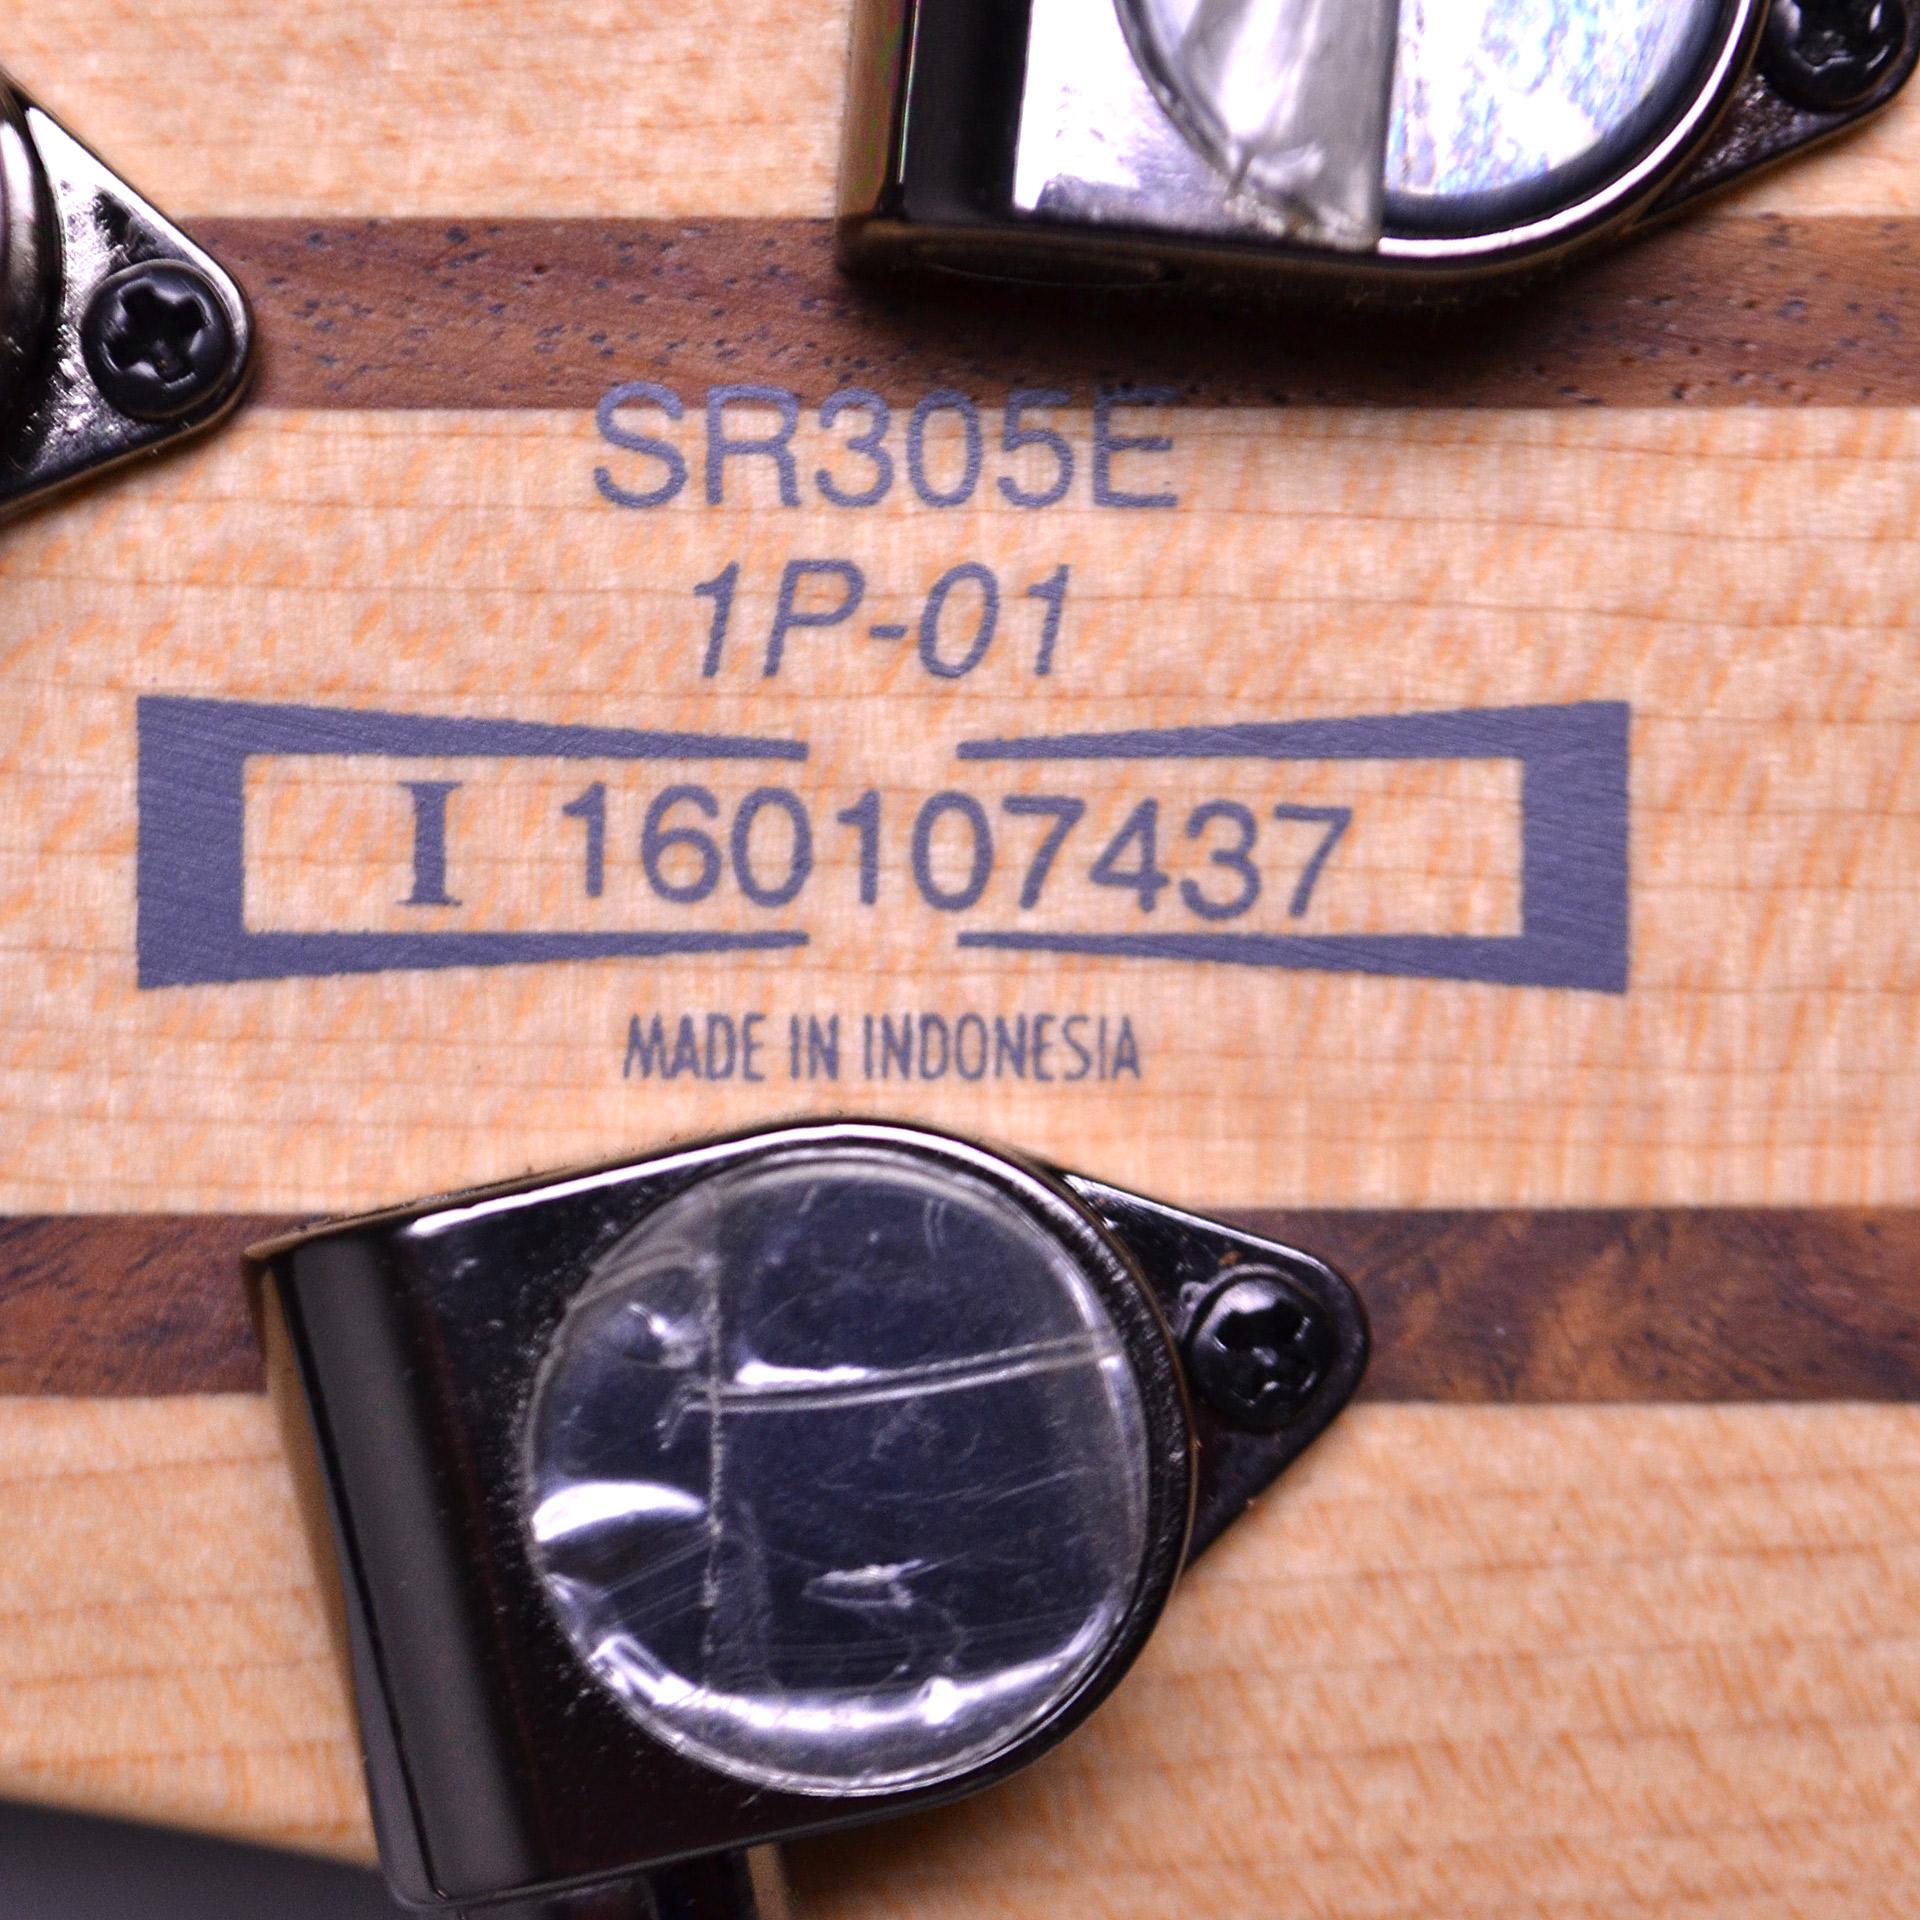 SR305Eのケース・その他画像